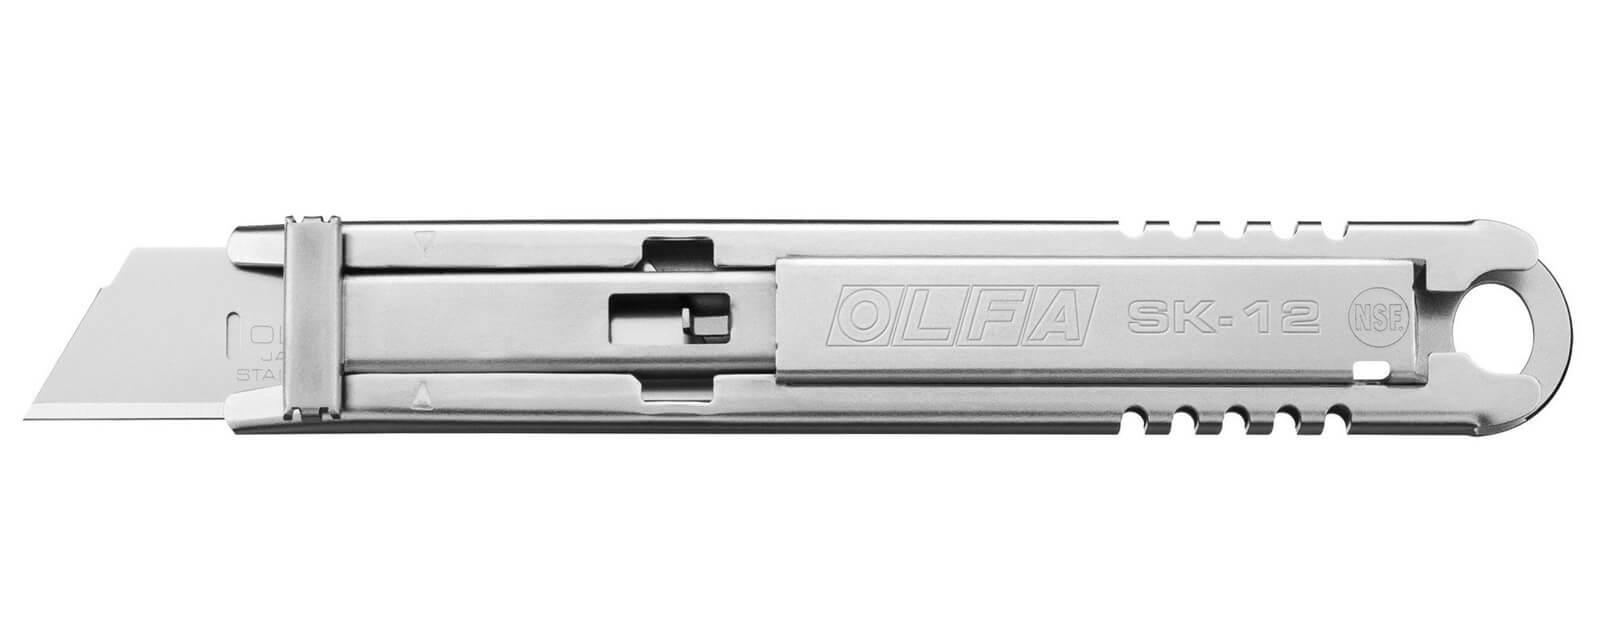 USK12-Sicherheitsmesser-detektierbar-OLFA-SK-12-CURT-tools_1600